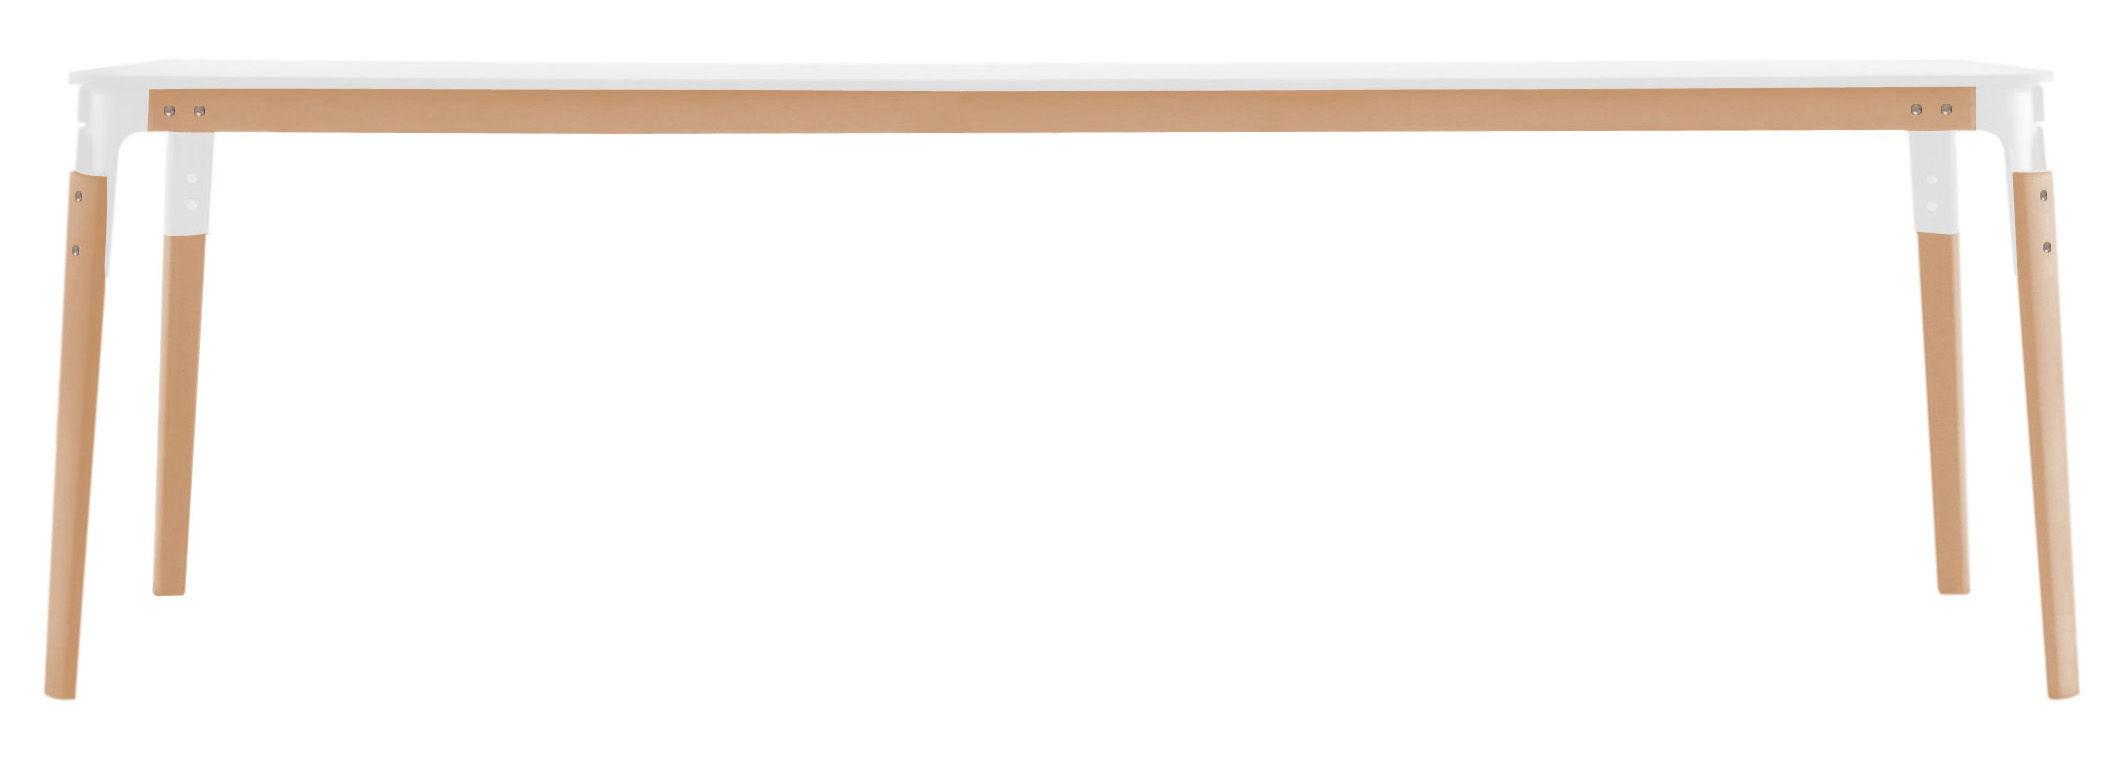 Mobilier - Mobilier Ados - Table Steelwood / 180 x 90 cm - Magis - Blanc et hêtre - 180 x 90 cm - Acier verni, Hêtre, Laminé HPL verni